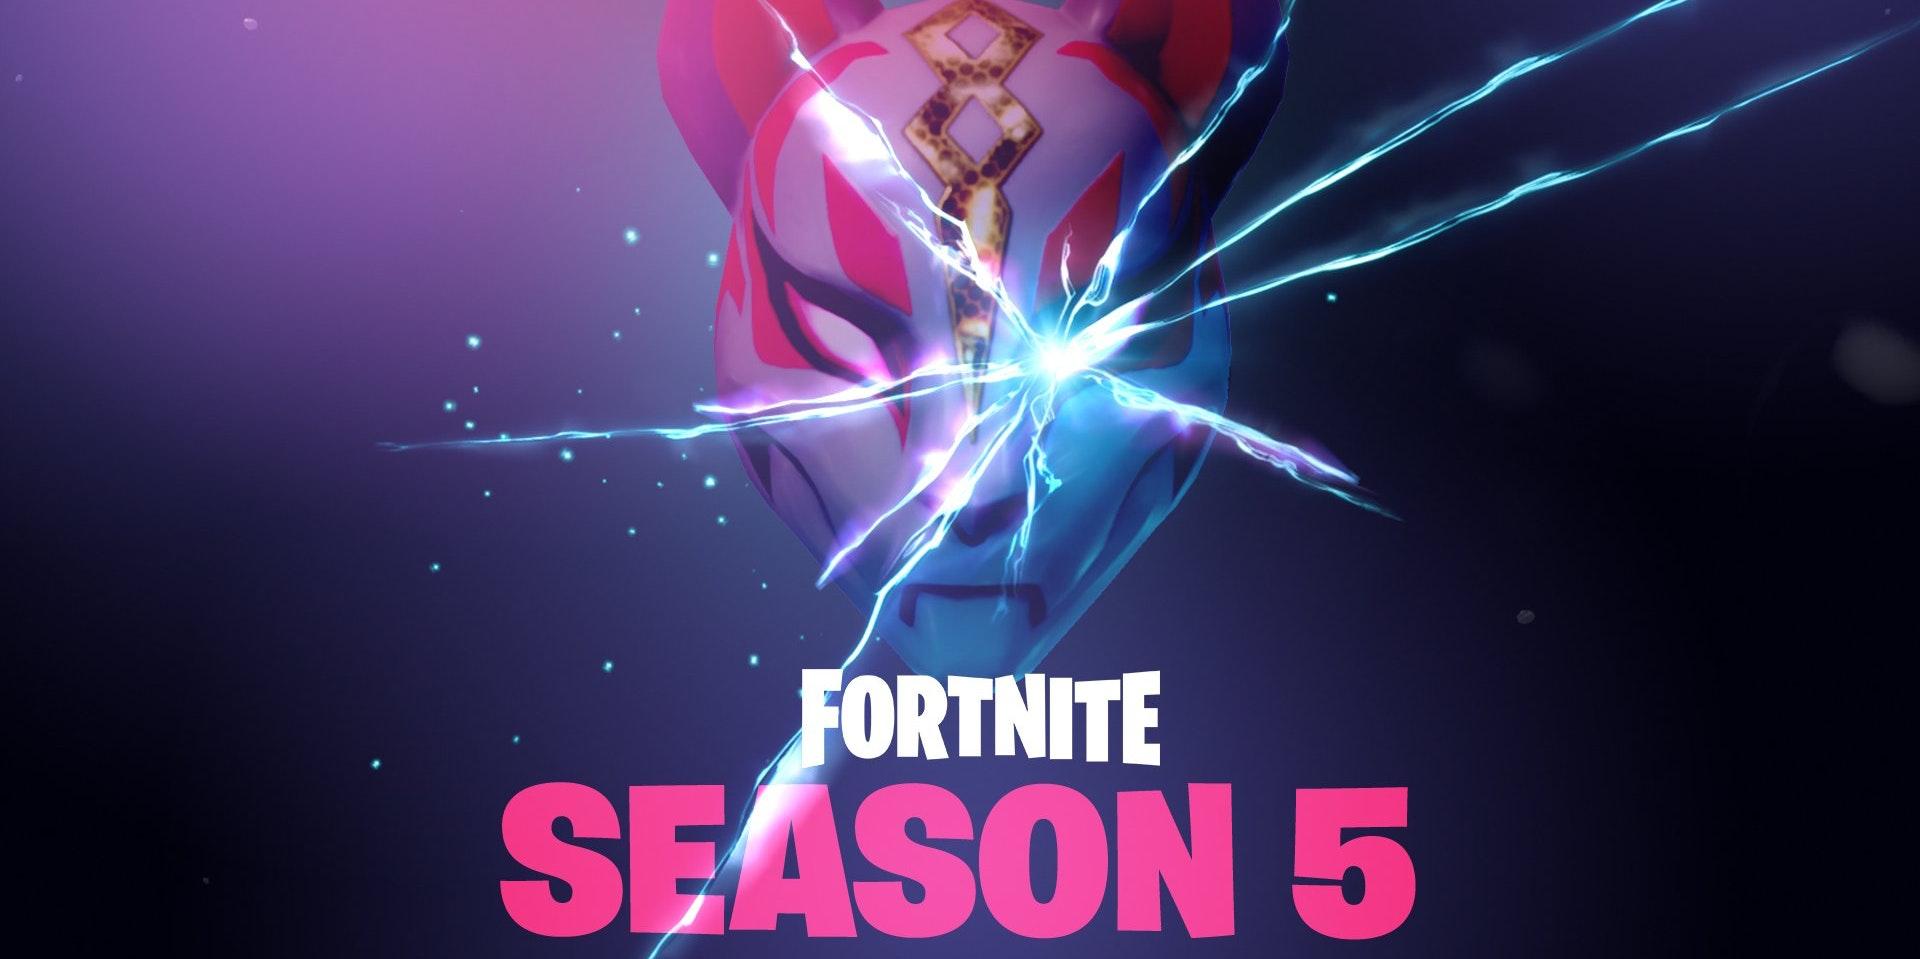 Fortnite Season 5 Leaks Worlds Collide Teaser Kitsune Mask And